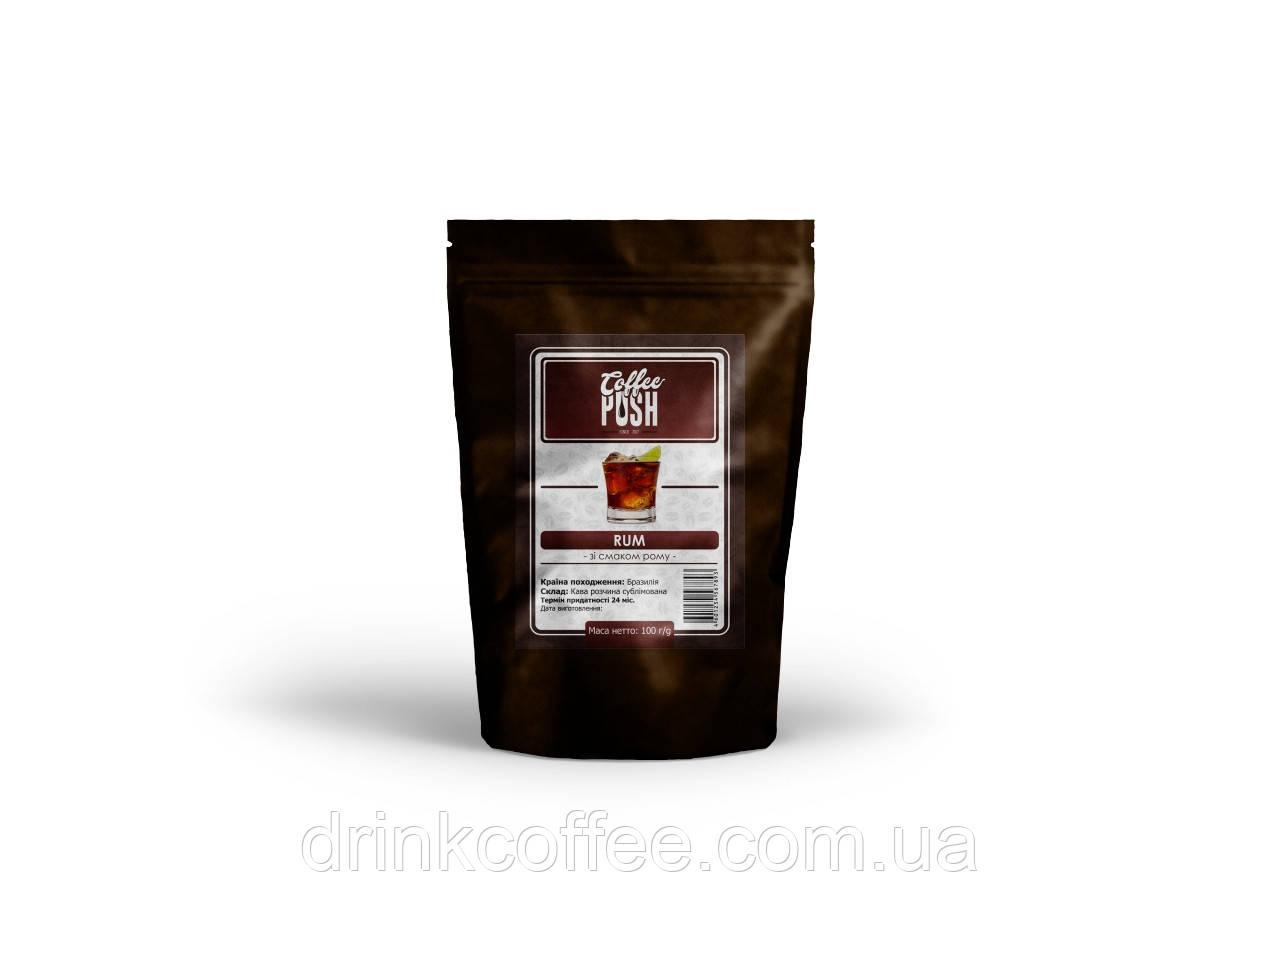 Кофе растворимый Ром, Бразилия, 100г